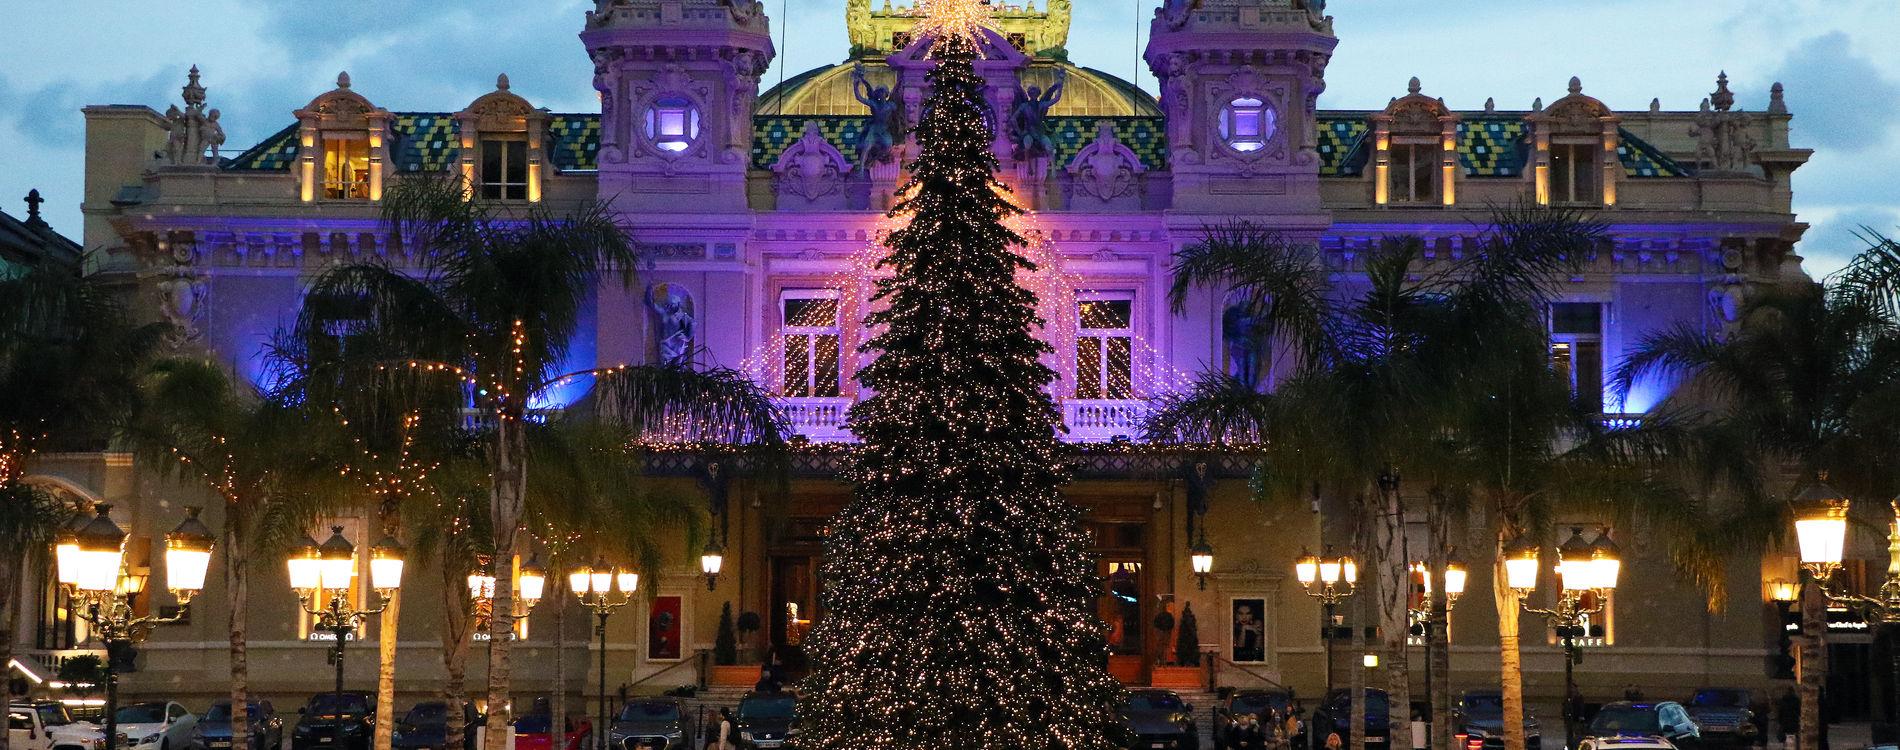 Place du Casino - Décorations de Noël 2020